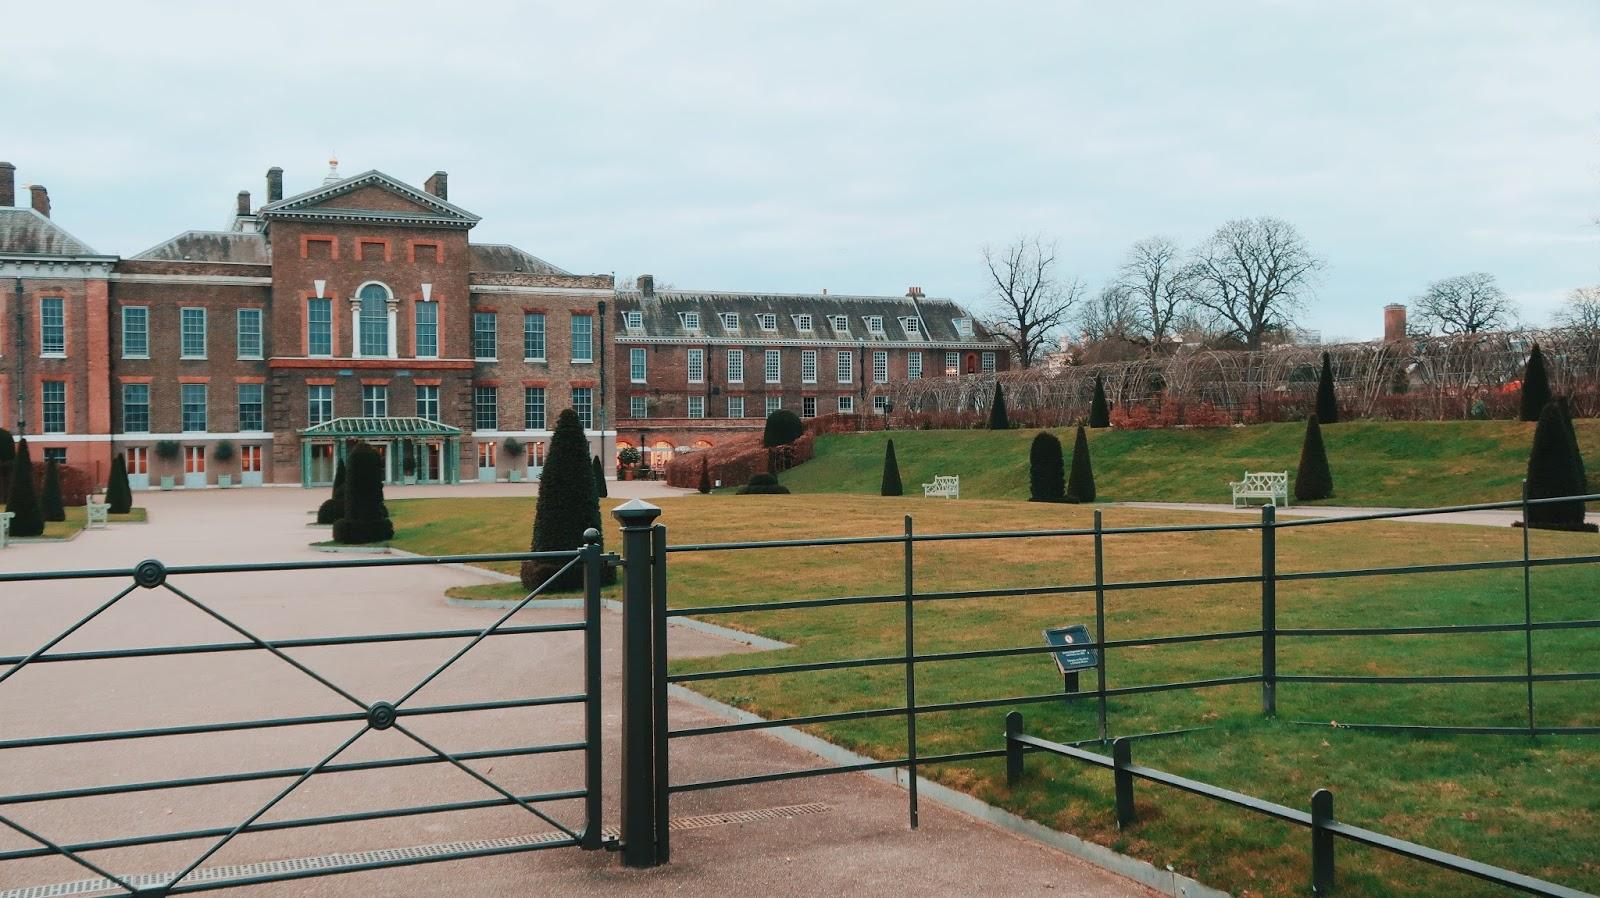 palacio-de-kensington-londres